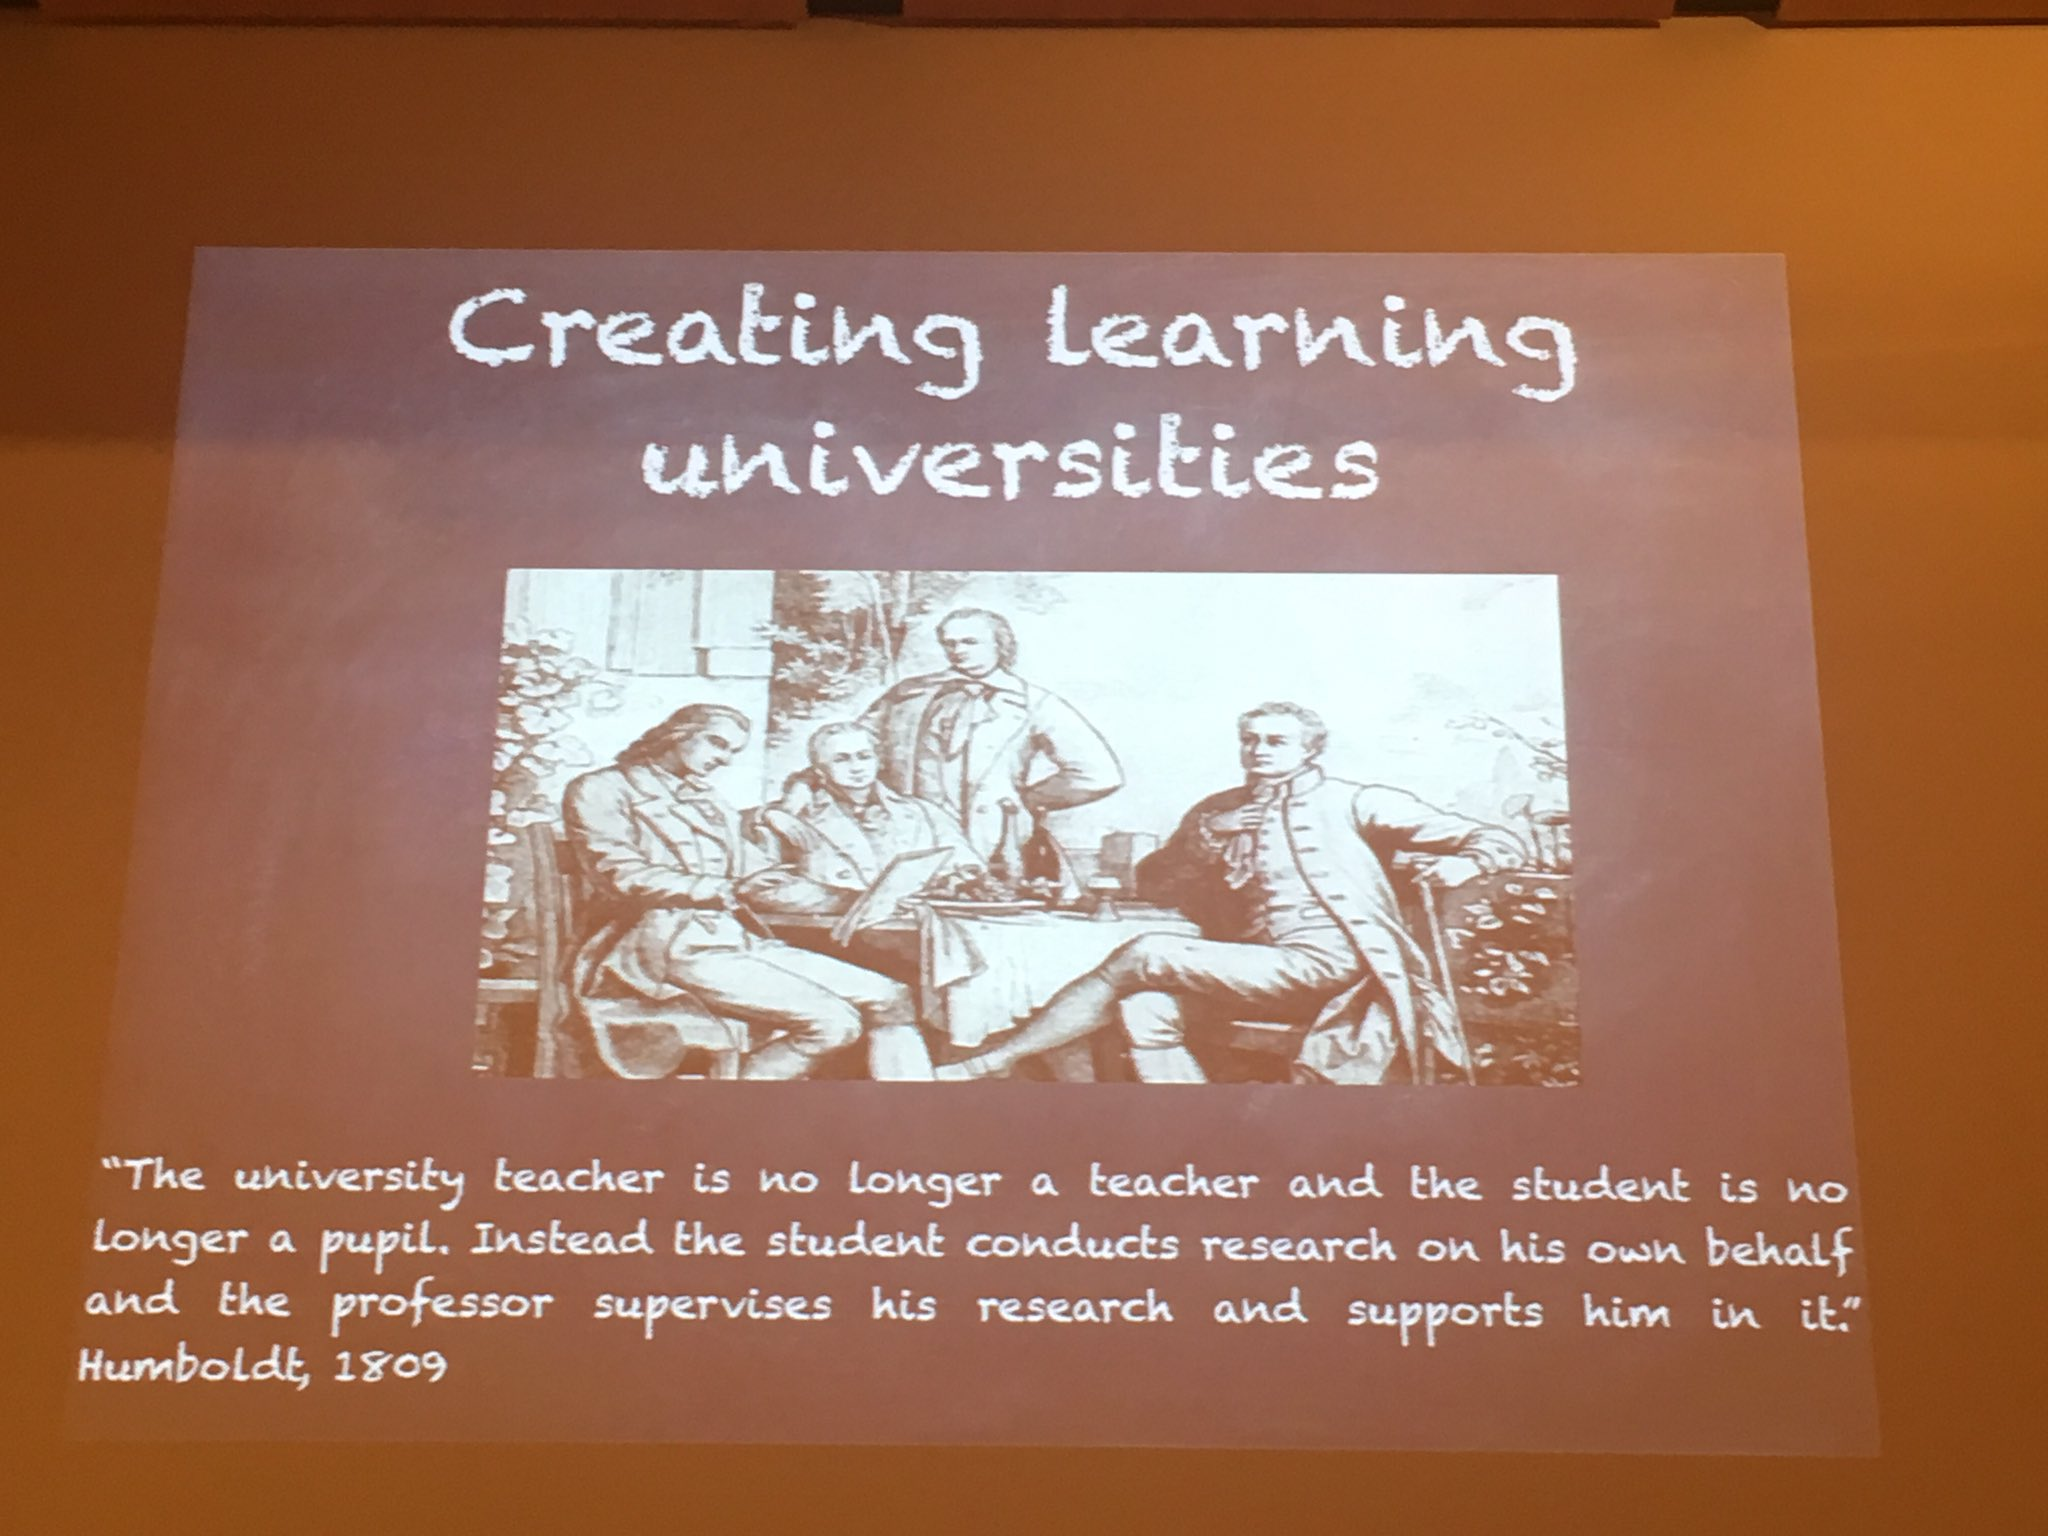 #RnDedu @FrancoisTaddei The goal is to create learning universities where the teacher & pupils are no longer teacher & pupils https://t.co/Ec0UkXw3og